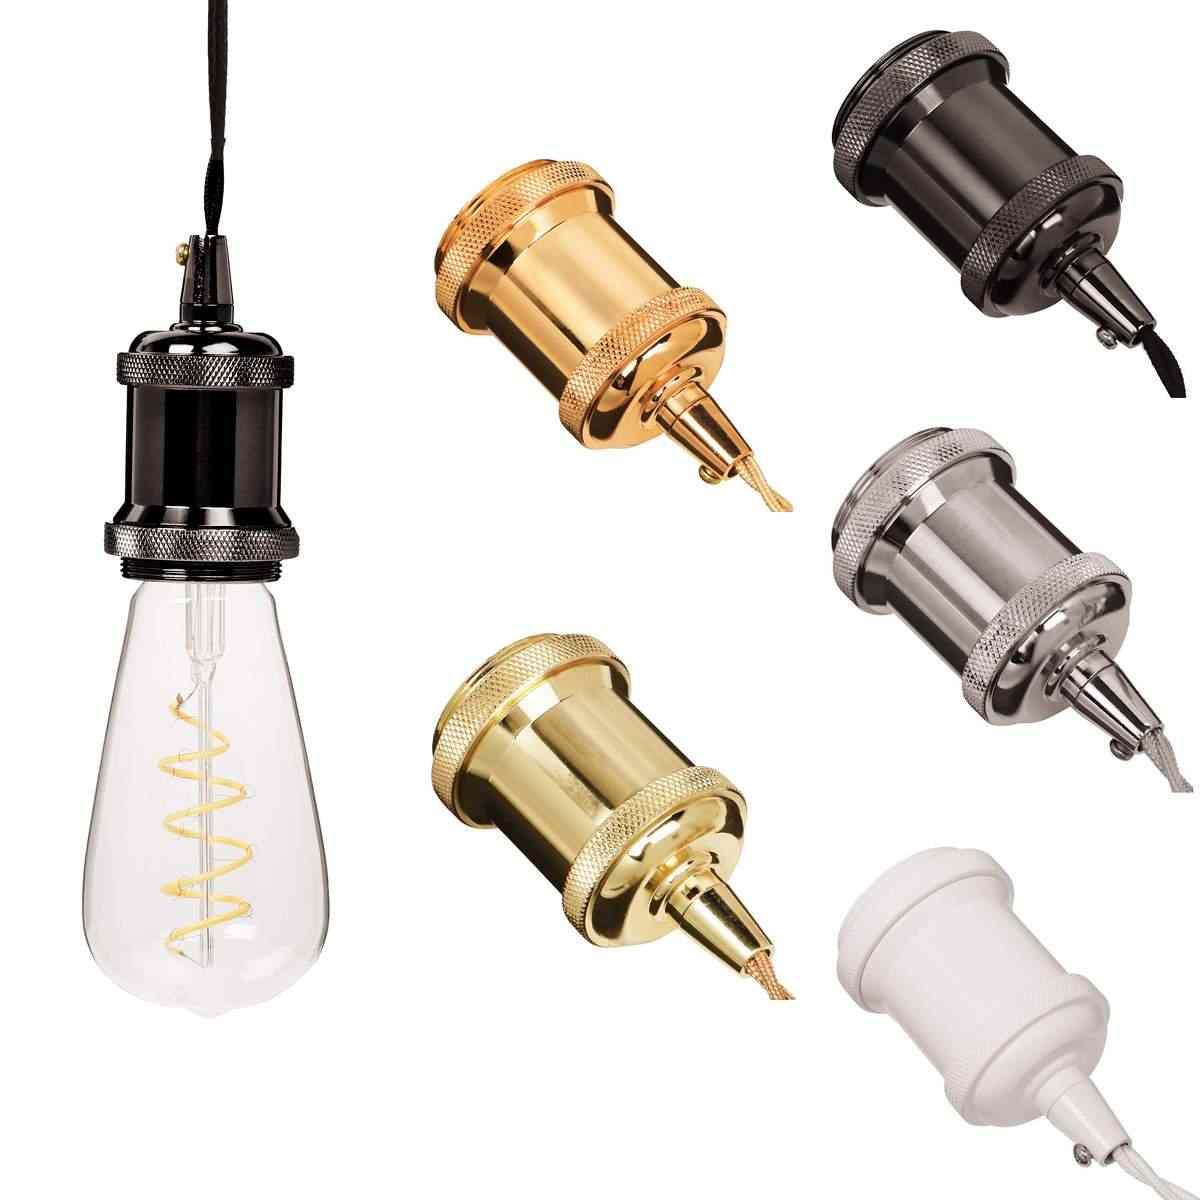 Smuxi Лофт ретро E27 E26 держатель лампы винтажный подвесной светильник с алюминиевым покрытием ностальгические бар основания 110 В/220 В гнездо адаптера